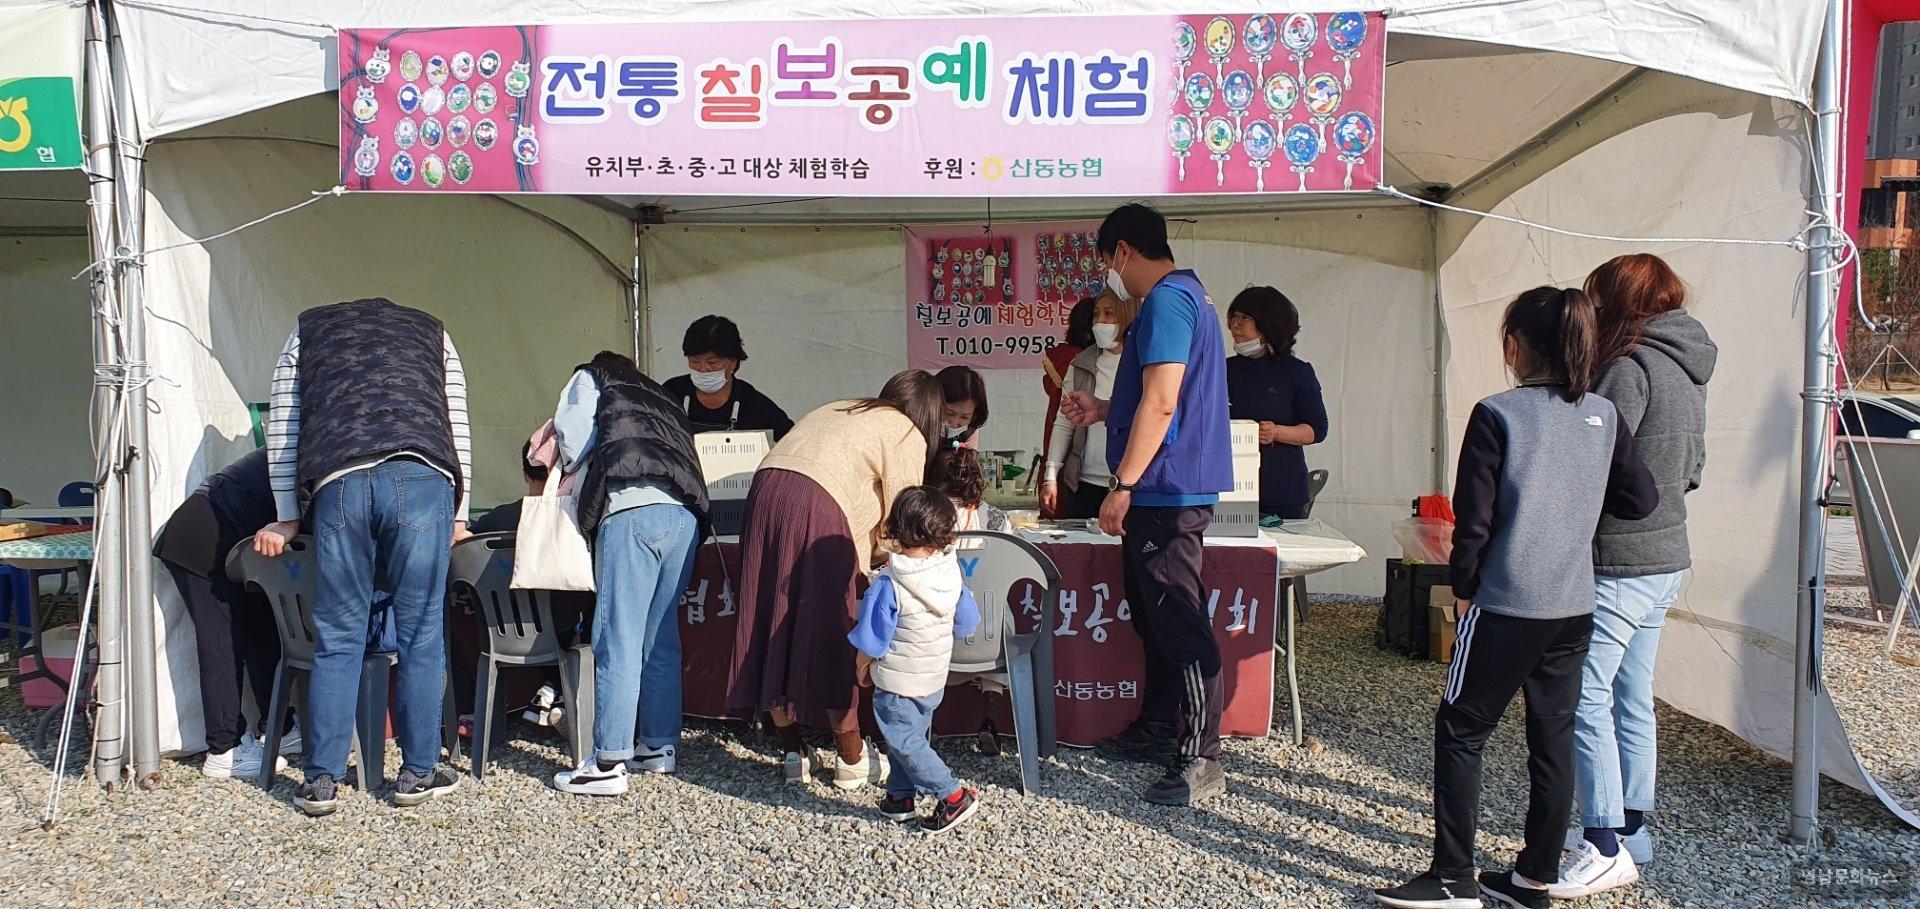 한국전통 칠보공예 협회 회원들의  전통칠보공예 체험학습 !